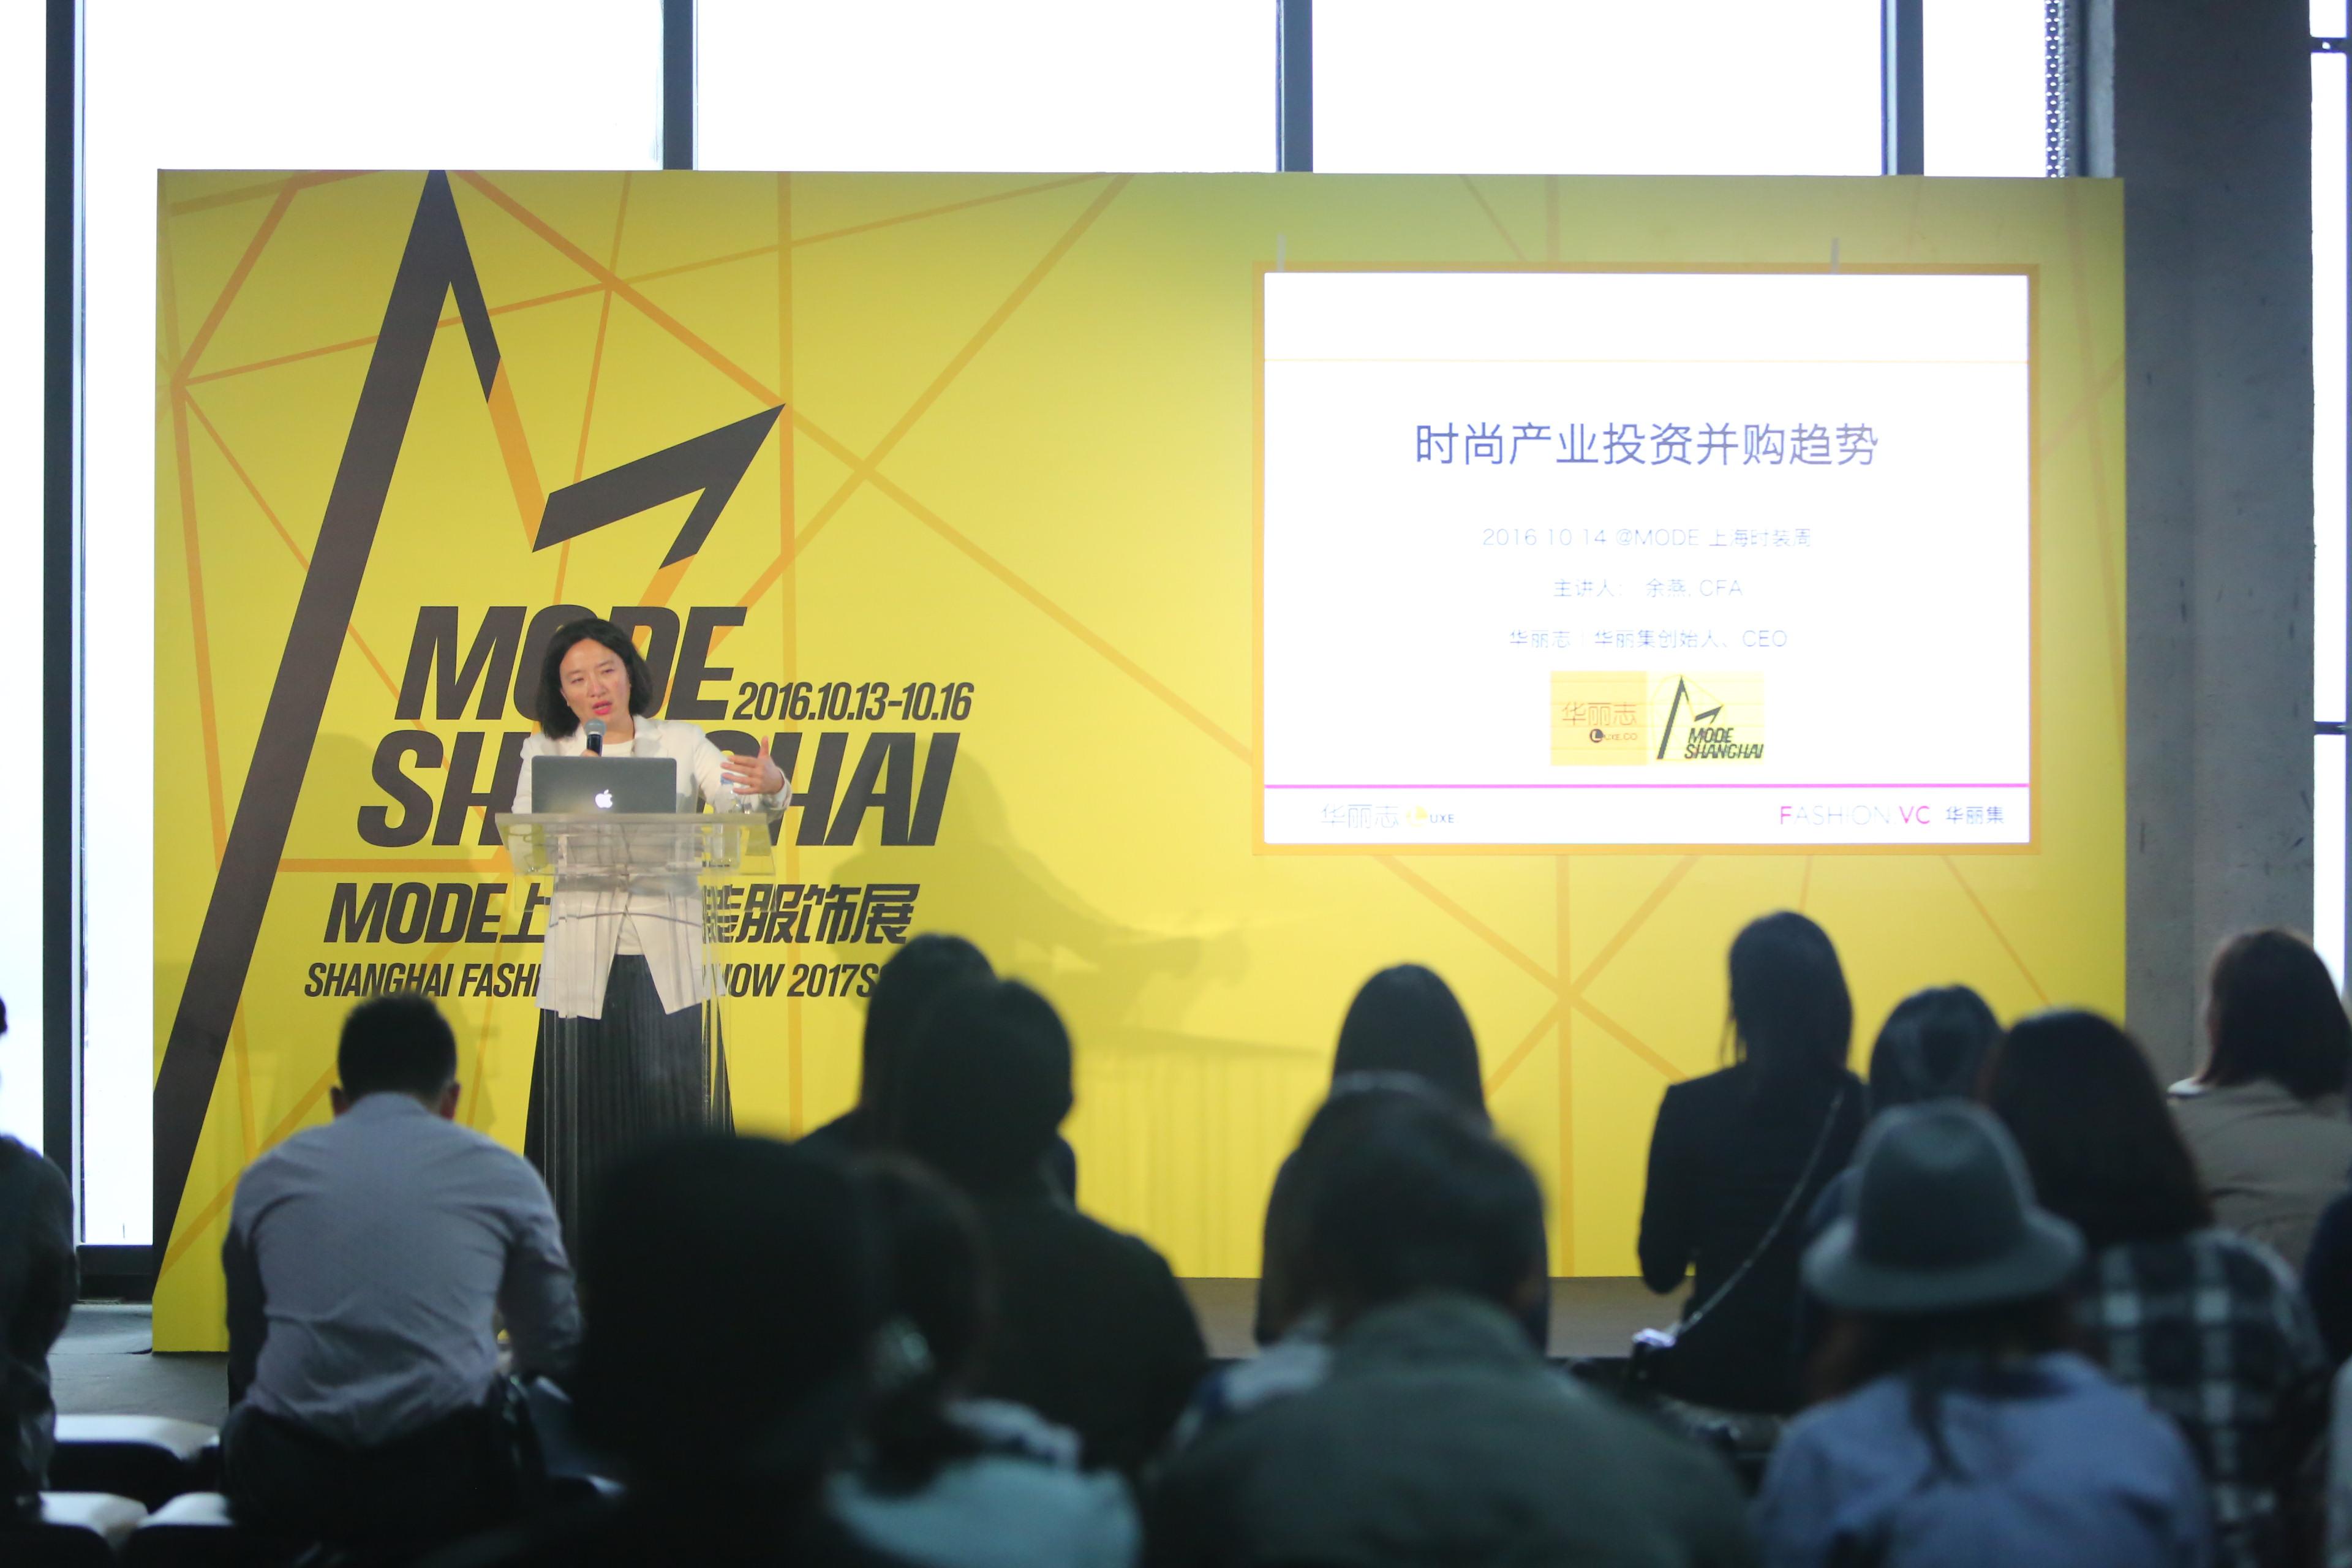 【华丽志 X MODE TALKS】华丽志|华丽集创始人余燕:精彩解读时尚产业投资并购趋势